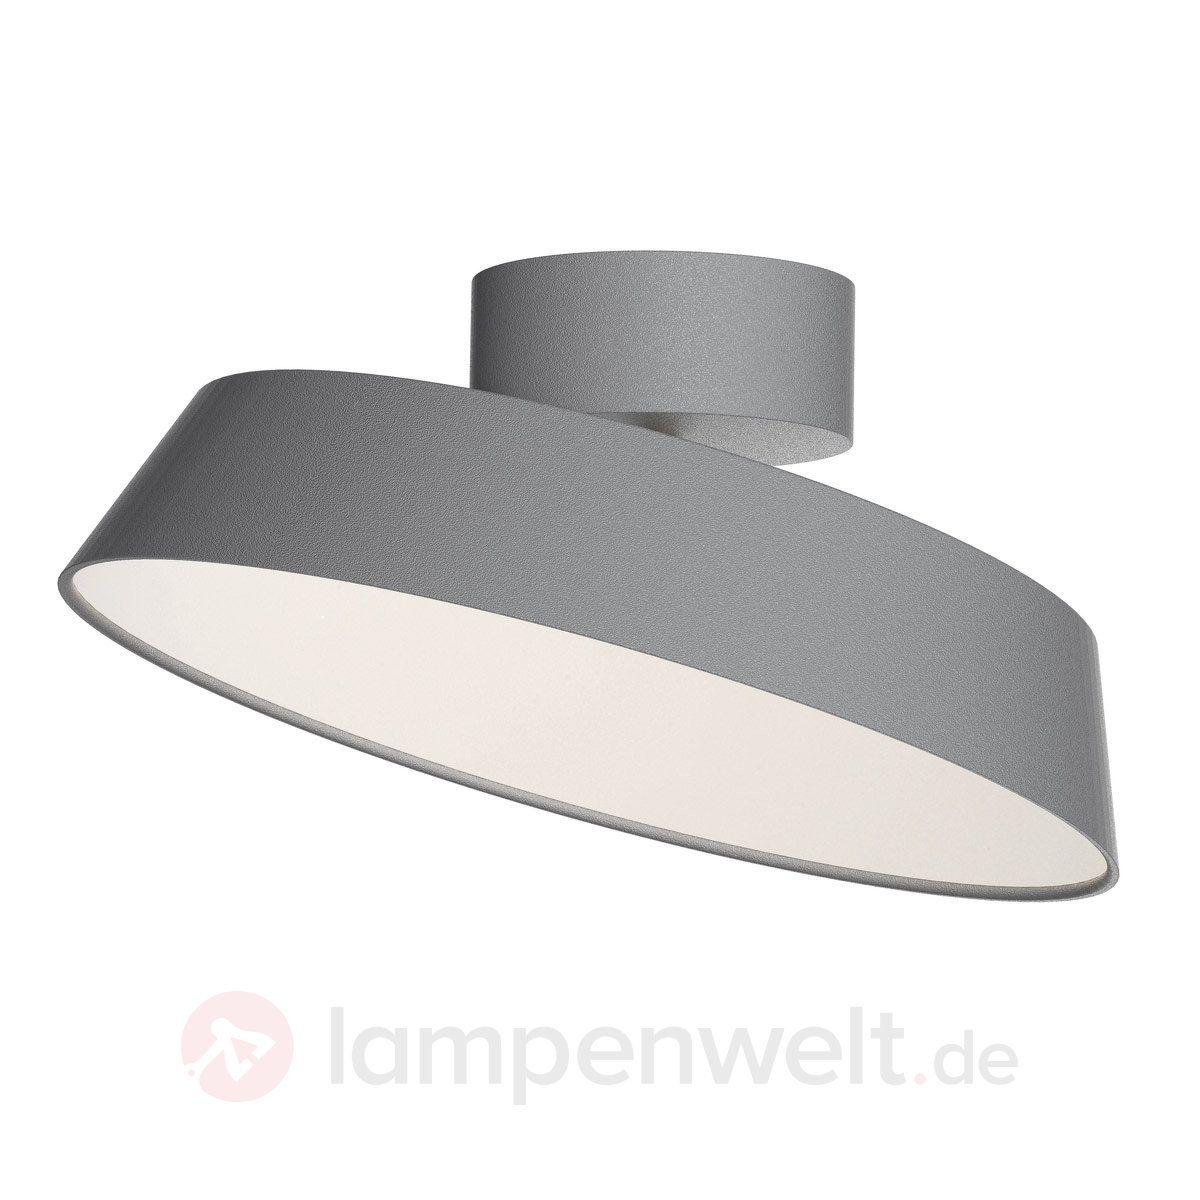 SchirmLampen Mit Alba Deckenlampe Led Graue Schwenkbaren v8Nwmn0O